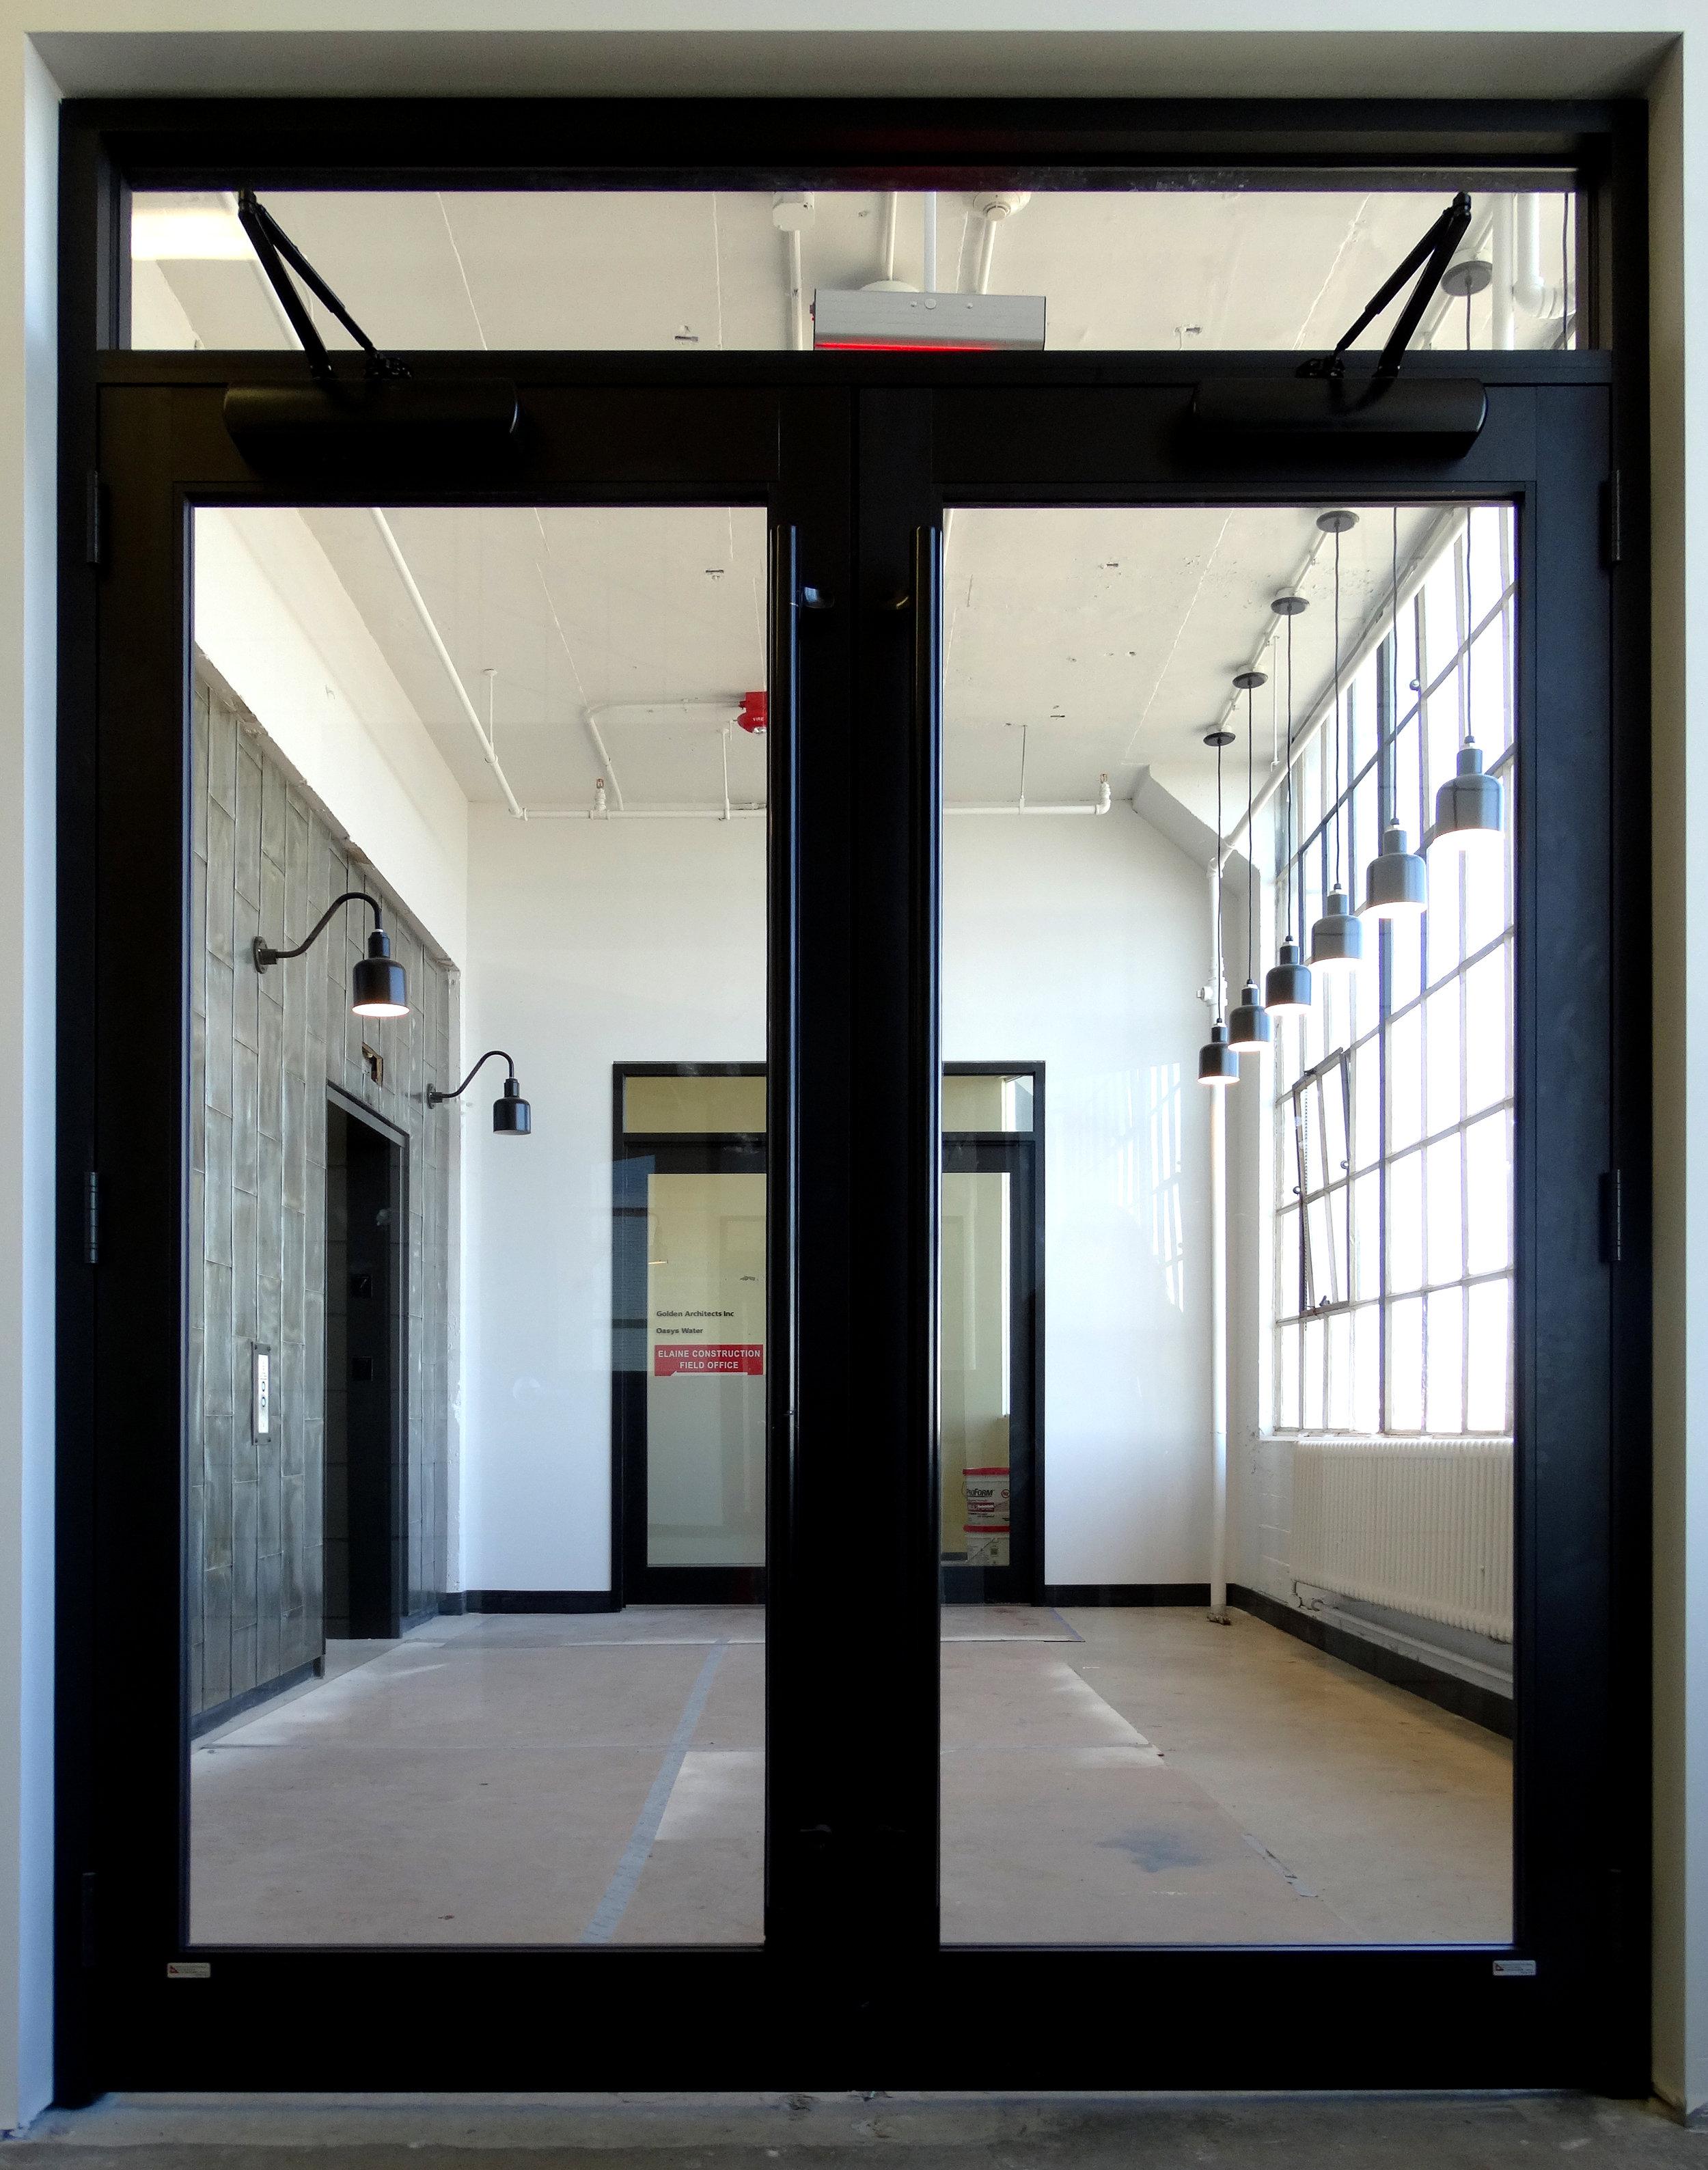 Encase Black Aluminum Framed Transom Entry Double Door - Spaceworks AI.jpg